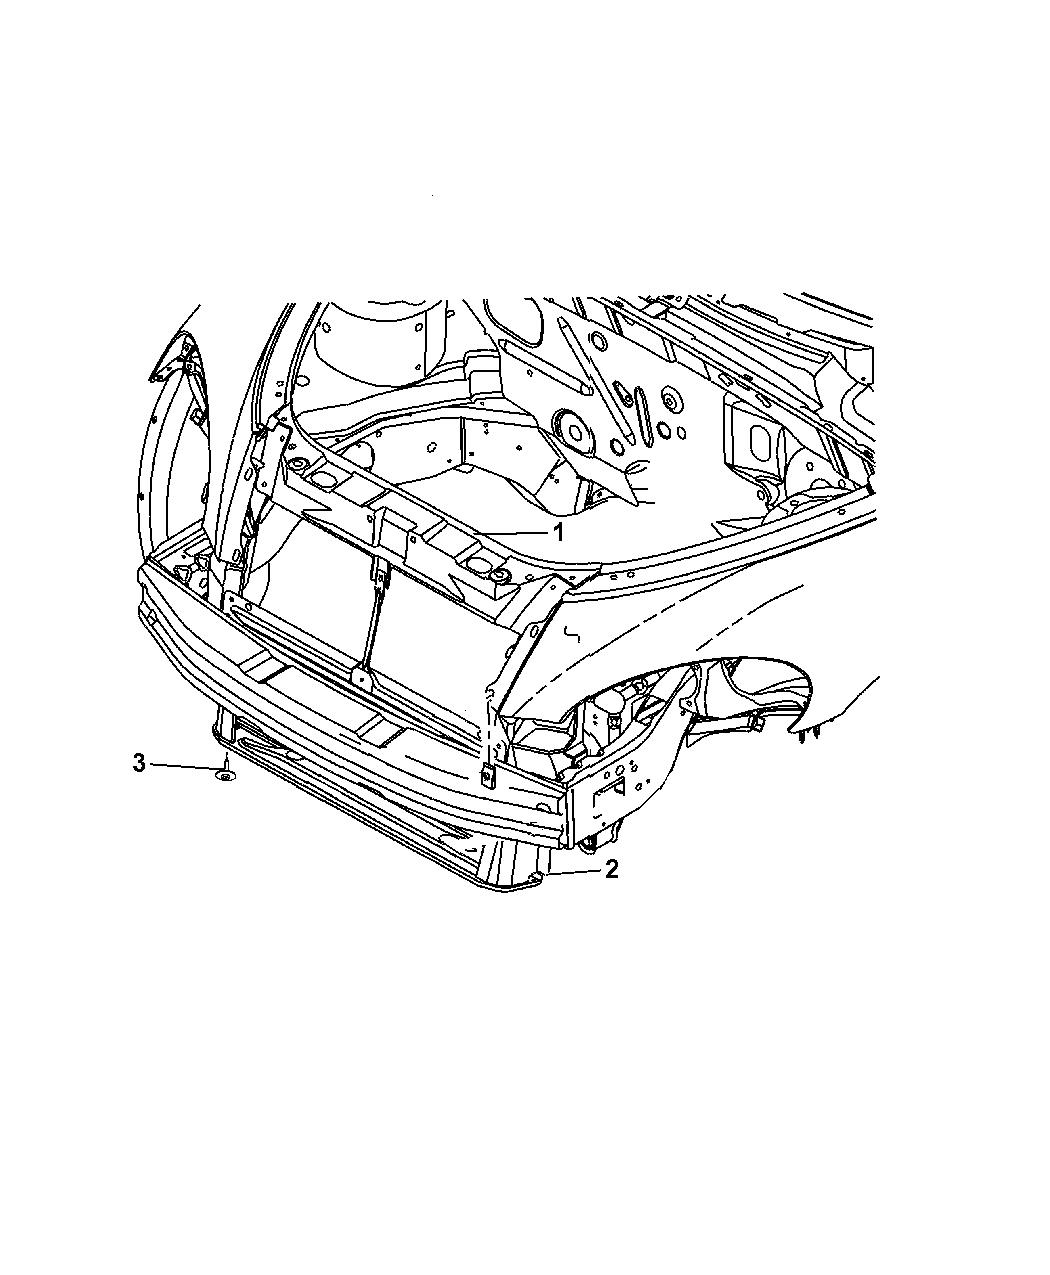 2005 Chrysler Pt Cruiser Radiator Support